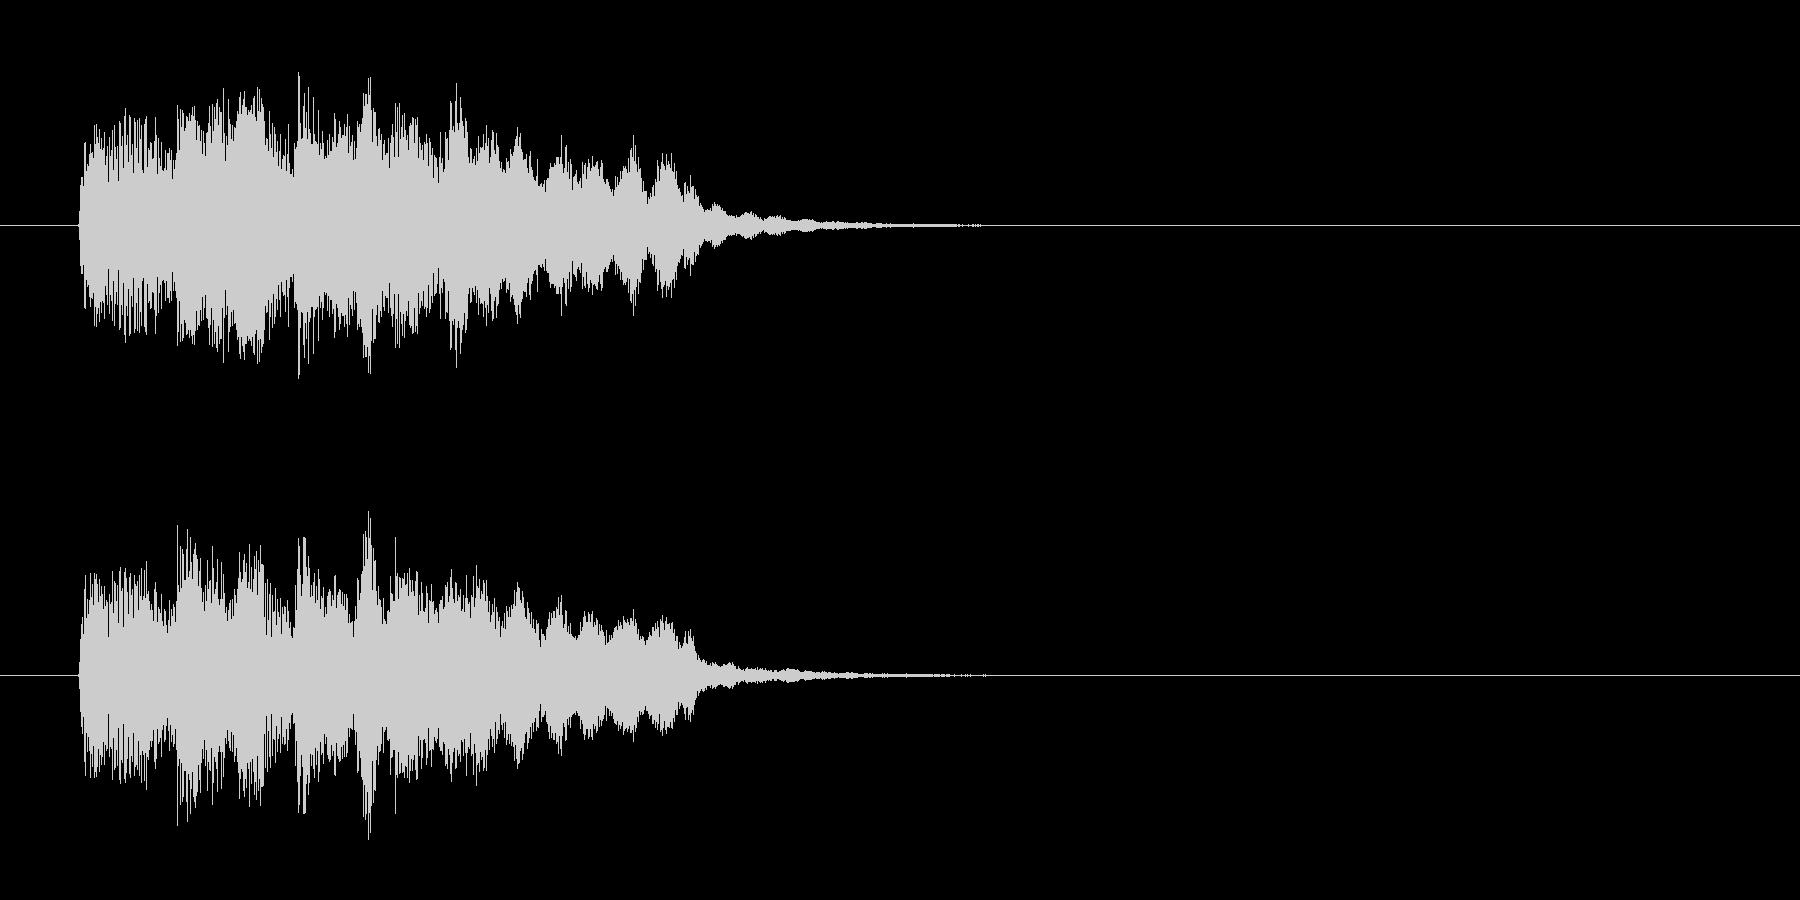 ヒューマン・アコースティック風ジングルの未再生の波形